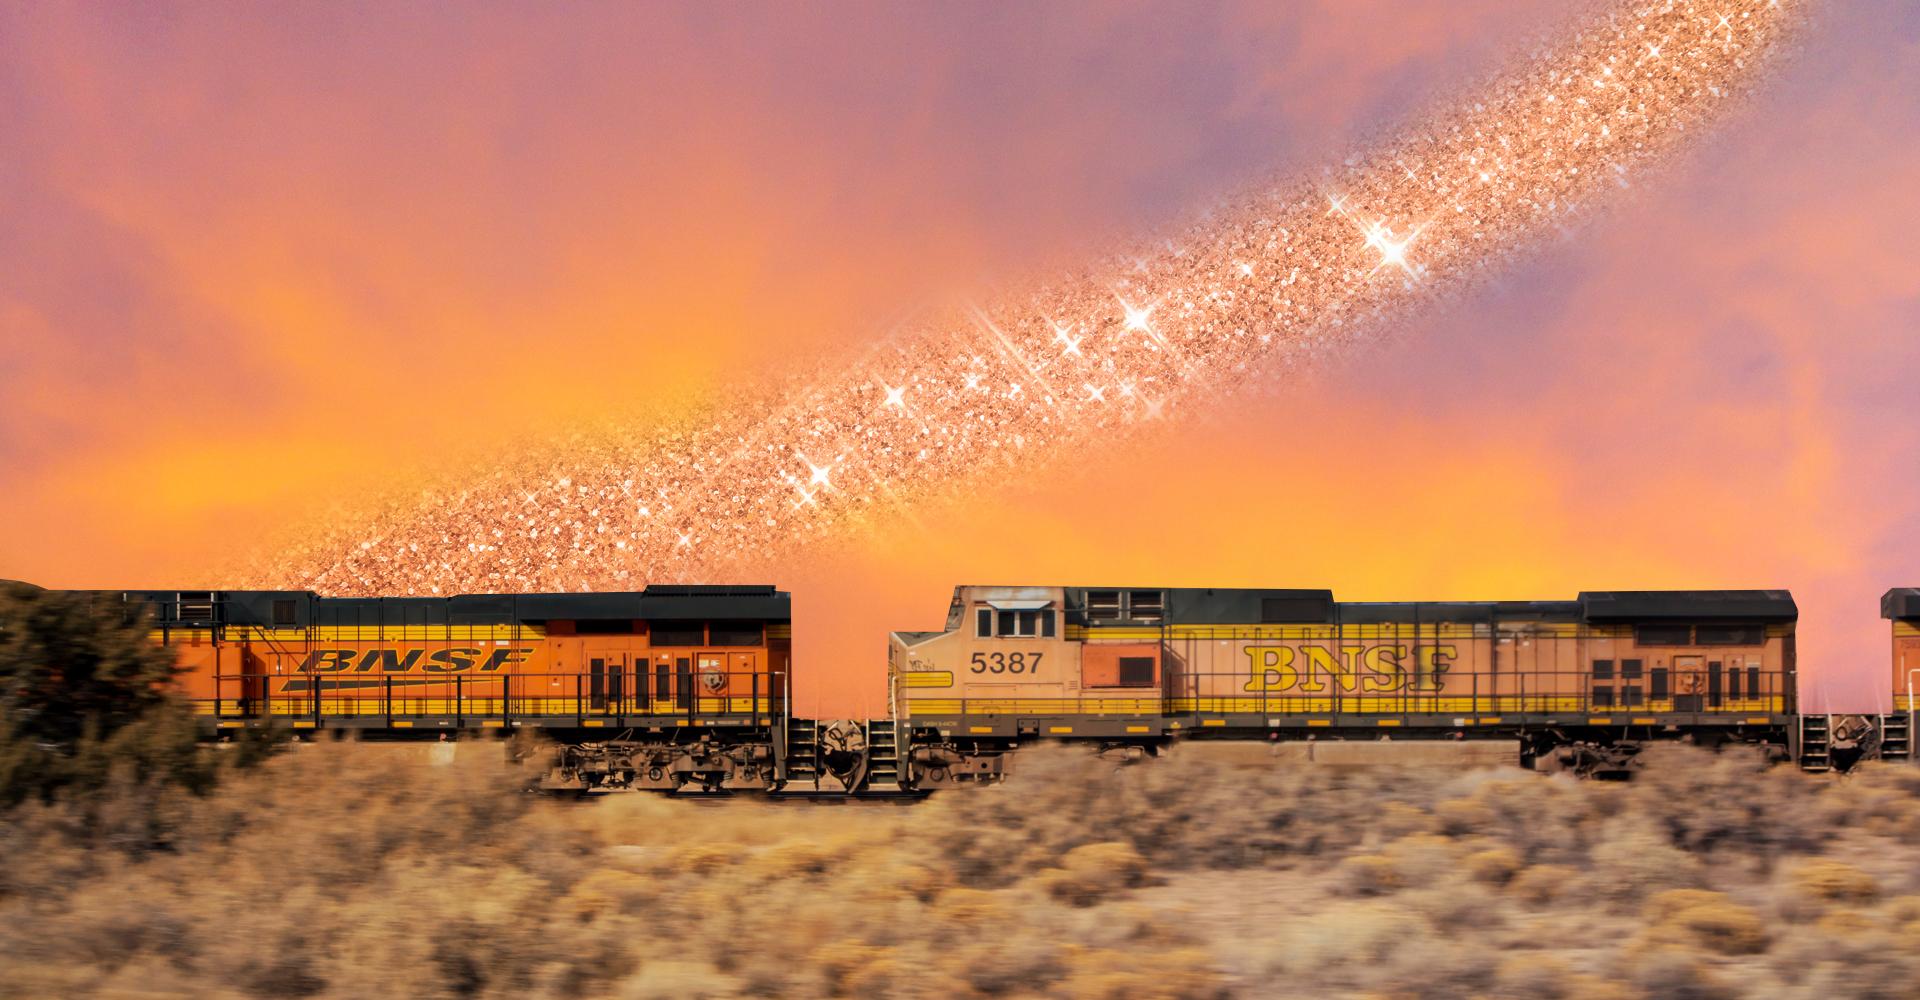 Coast to coast in treno negli USA = come realizzare un sogno spendendo poco